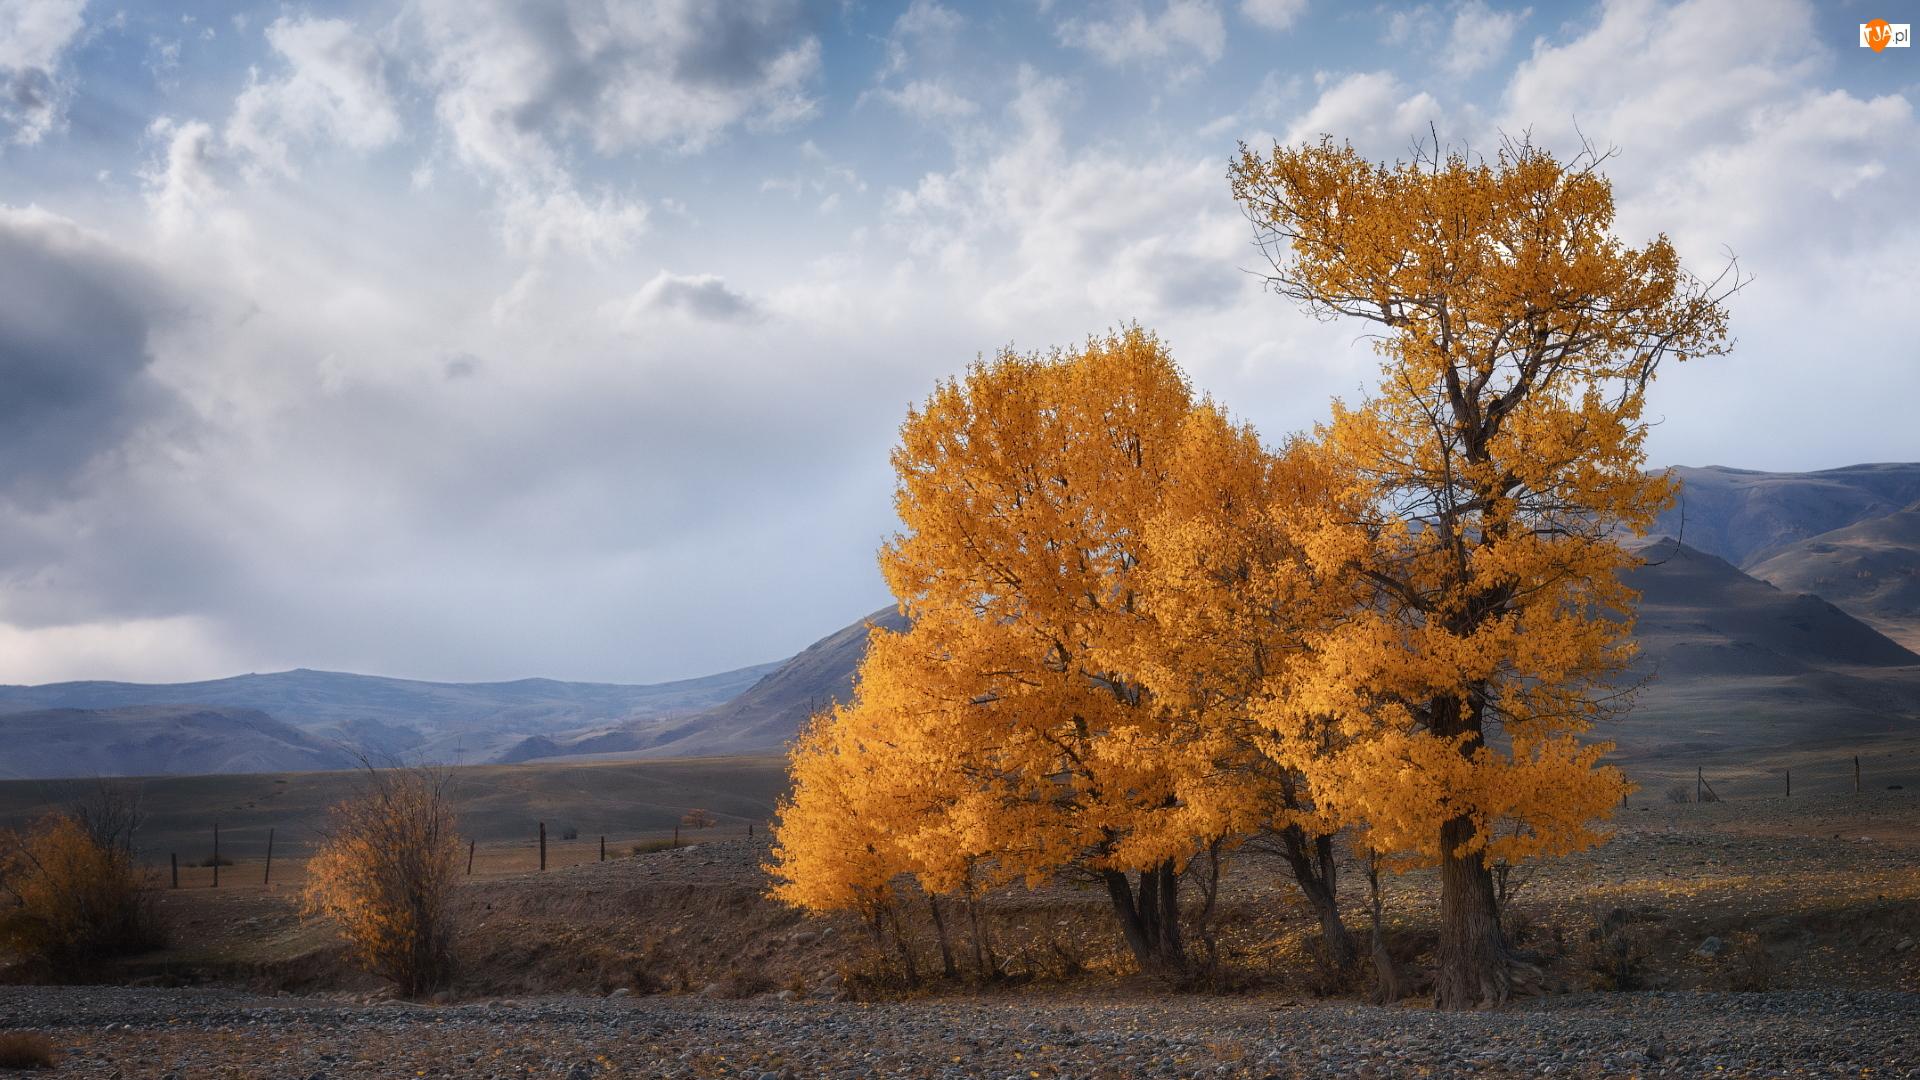 Góry, Jesienne, Drzewa, Topole